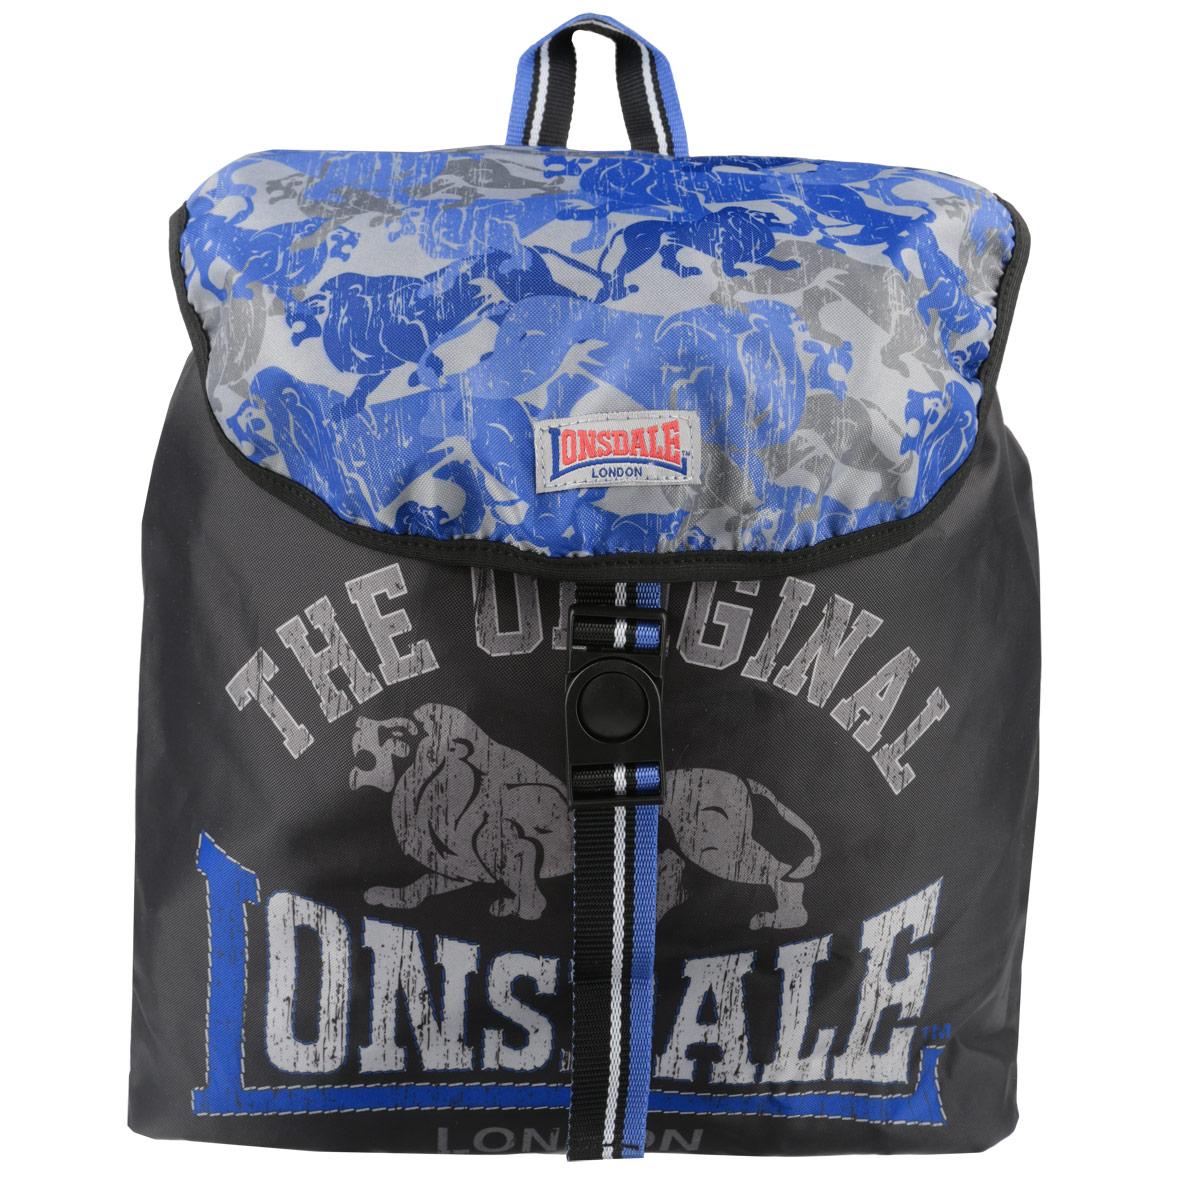 Рюкзак молодежный Lonsdale, цвет: черный, серый, голубой. LSCB-UT1-8444670018862011Молодежный рюкзак Lonsdale сочетает в себе современный дизайн и долговечность. Выполнен из прочных и высококачественных материалов с изображением льва.Содержит рюкзак одно вместительное отделение, которое затягивается шнурком с пластиковым фиксатором и сверху закрывается клапаном на защелке. Широкие лямки отлично регулируются по длине. Изделие оснащено текстильной ручкой для переноски в руке. Этот рюкзак можно использовать для повседневных прогулок, отдыха и спорта, а также как элемент вашего имиджа.Рекомендуемый возраст: от 15 лет.